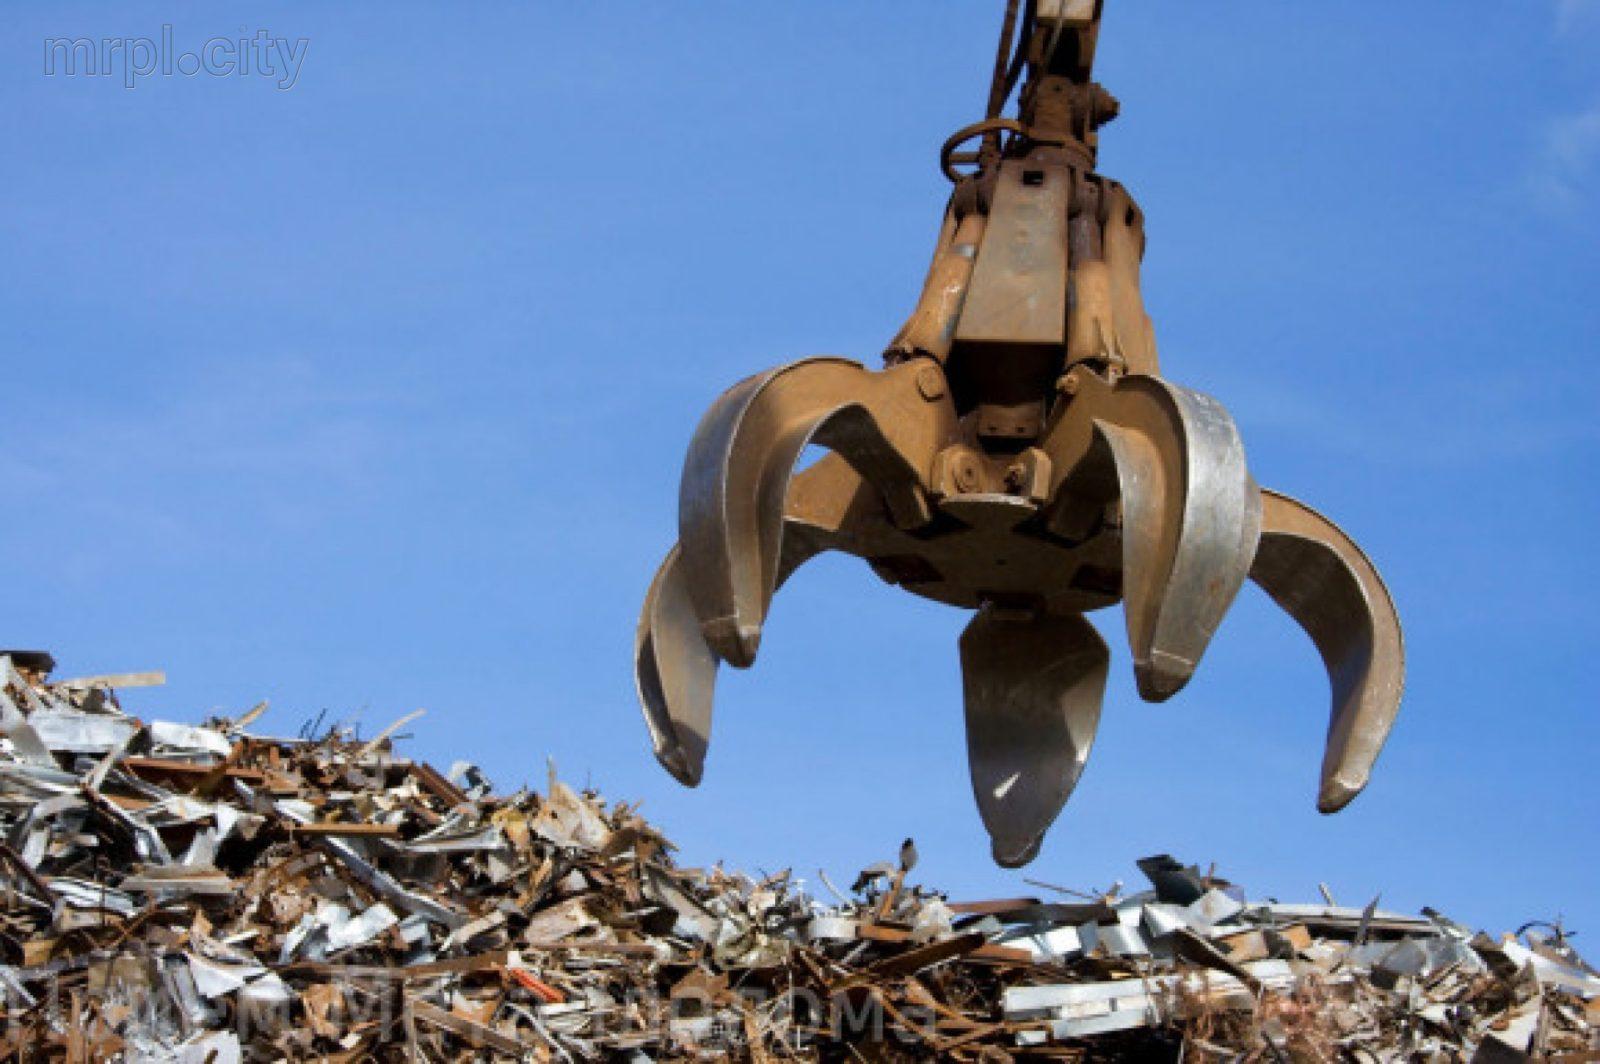 Переработка металлолома: что это такое? Виды металлолома